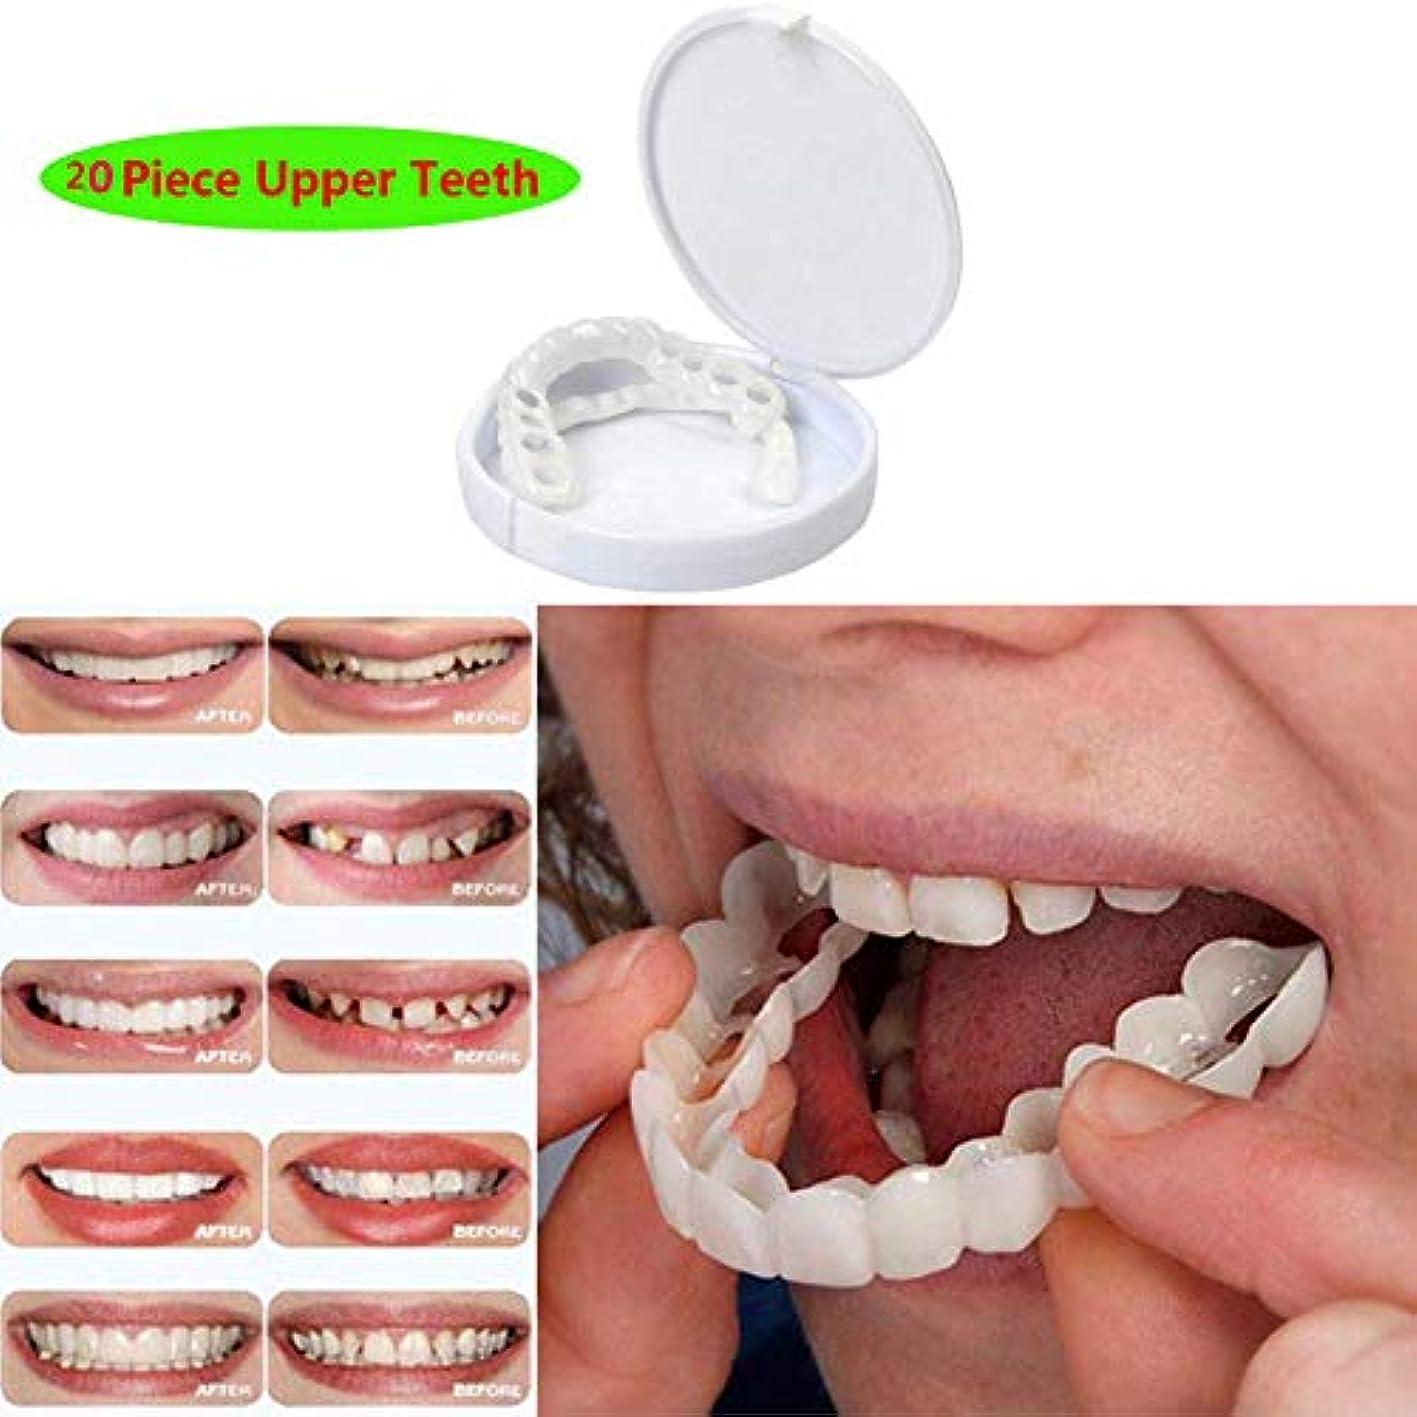 検出可能ブリッジダーツ20Pcs一時的な化粧品の歯の義歯の化粧品は白くなることを模倣した上括弧を模倣しました